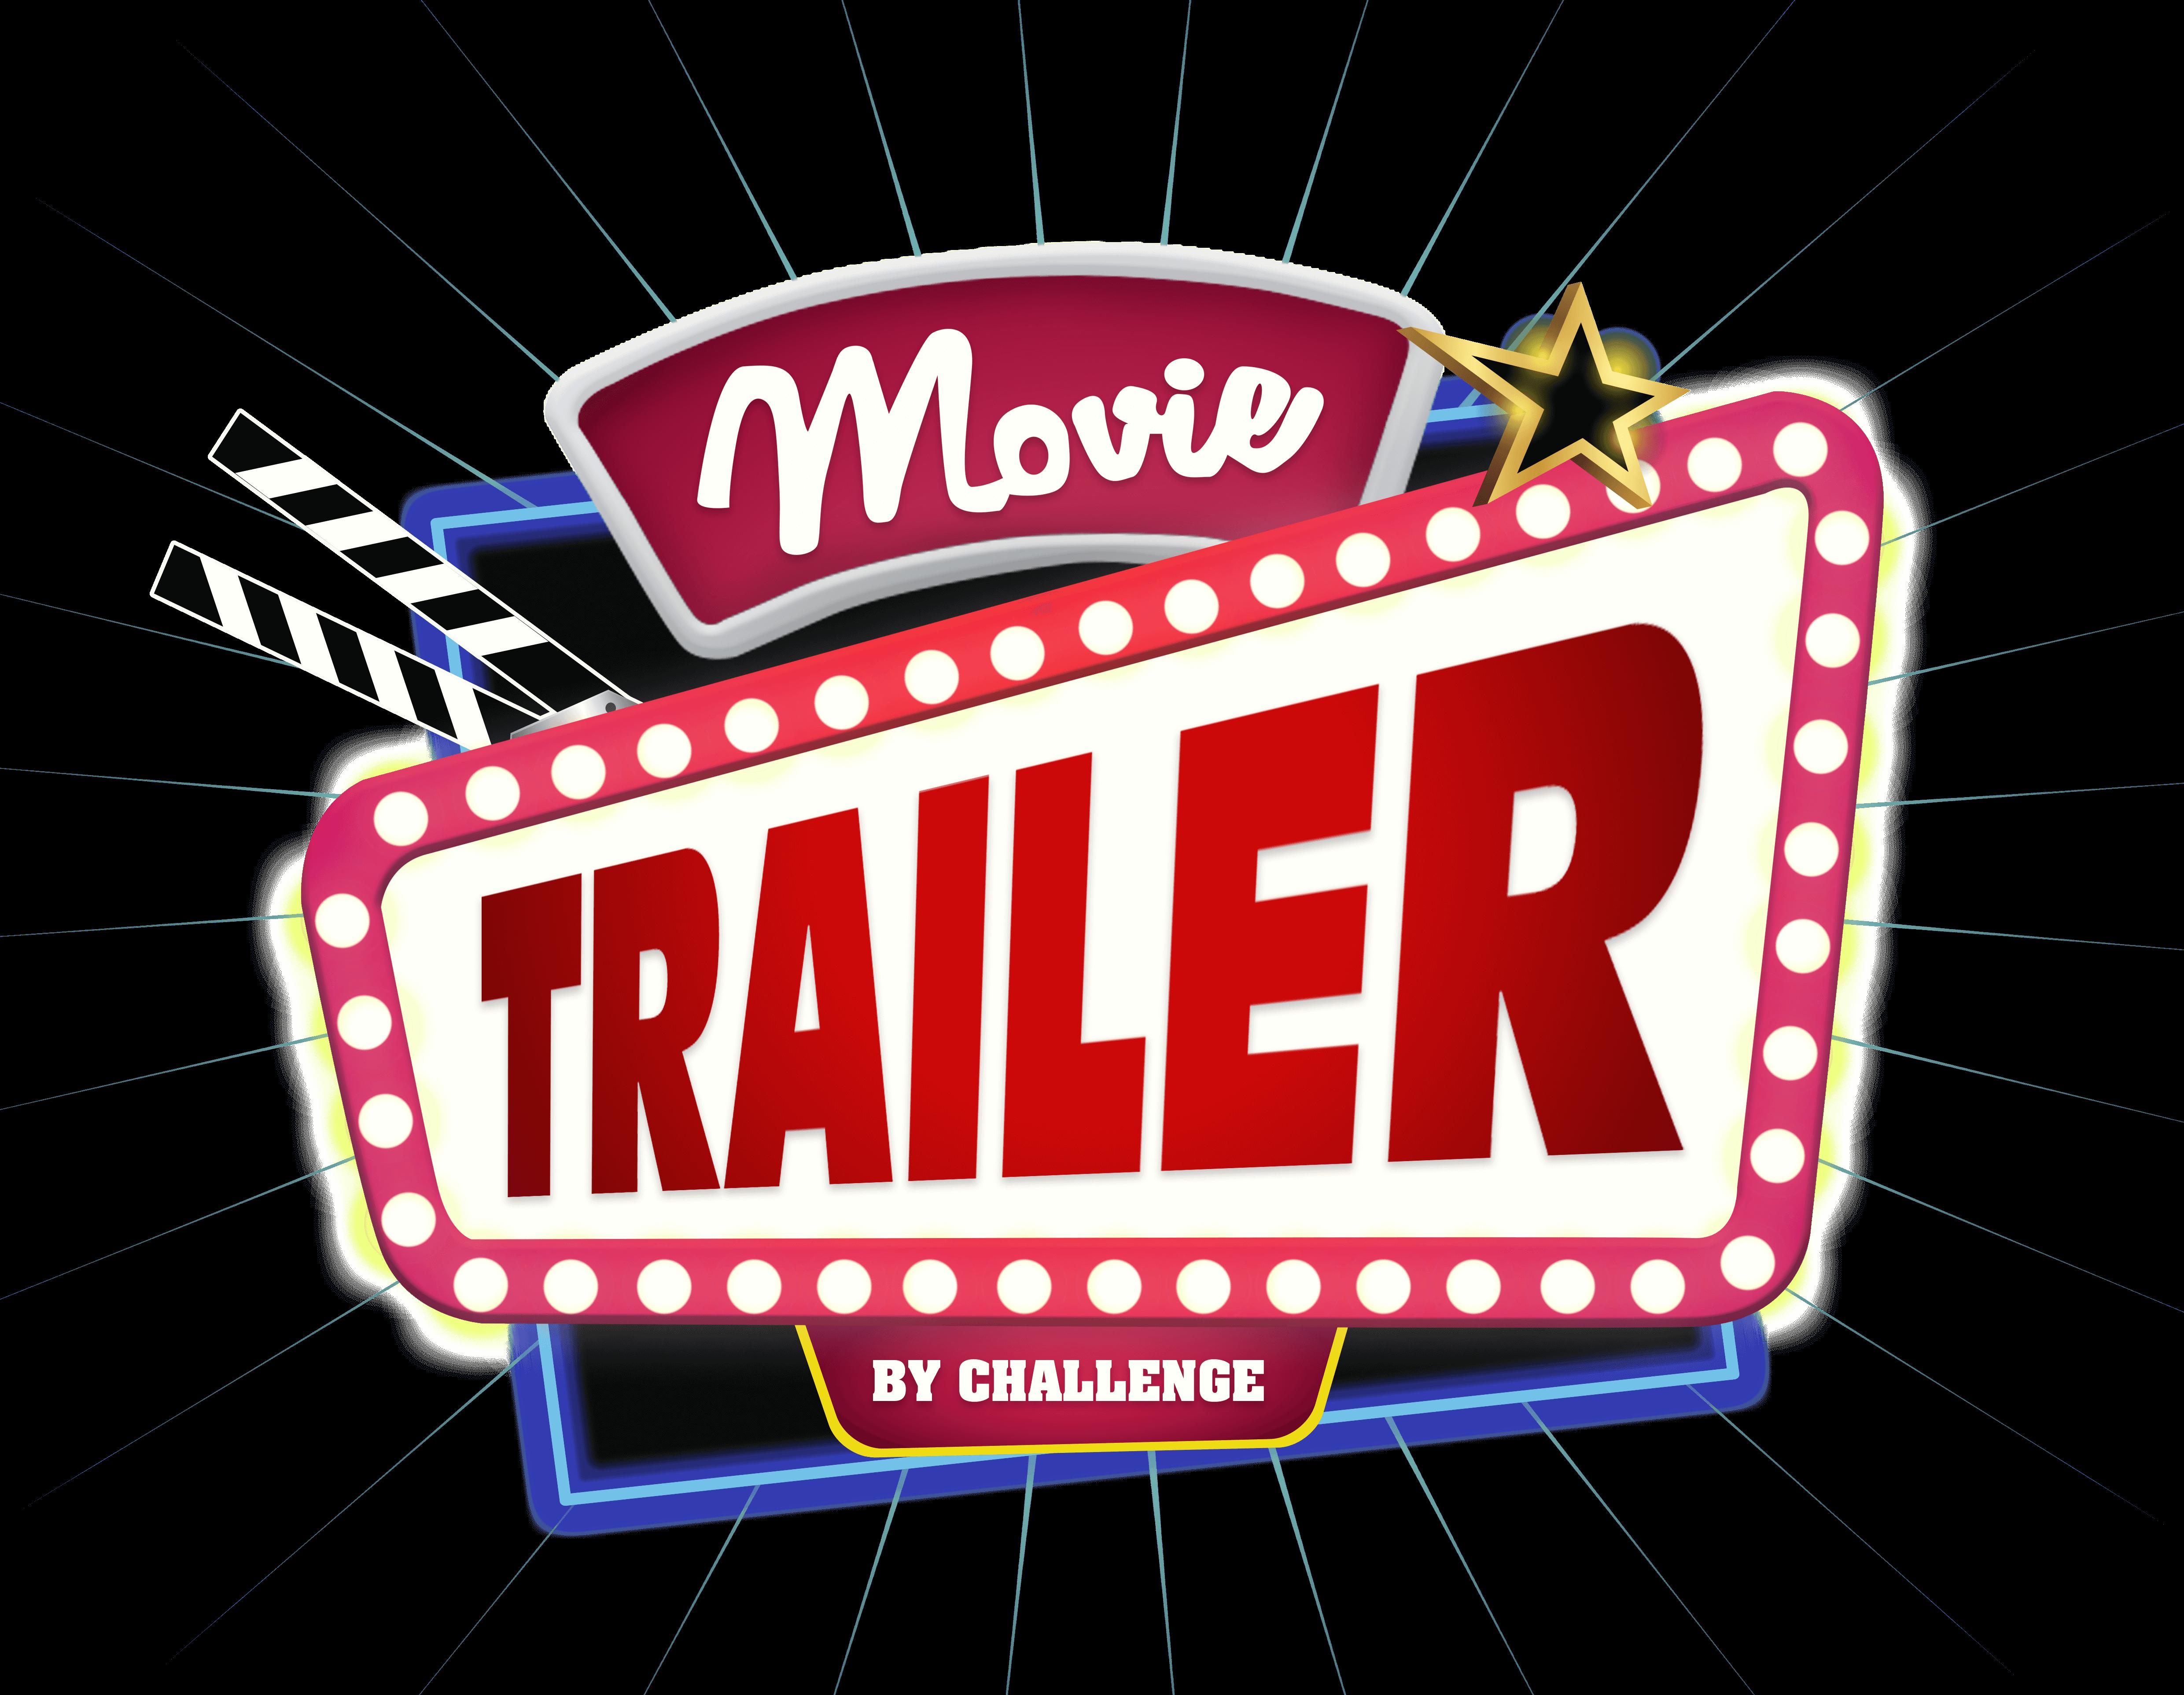 Logo MovieTrailer